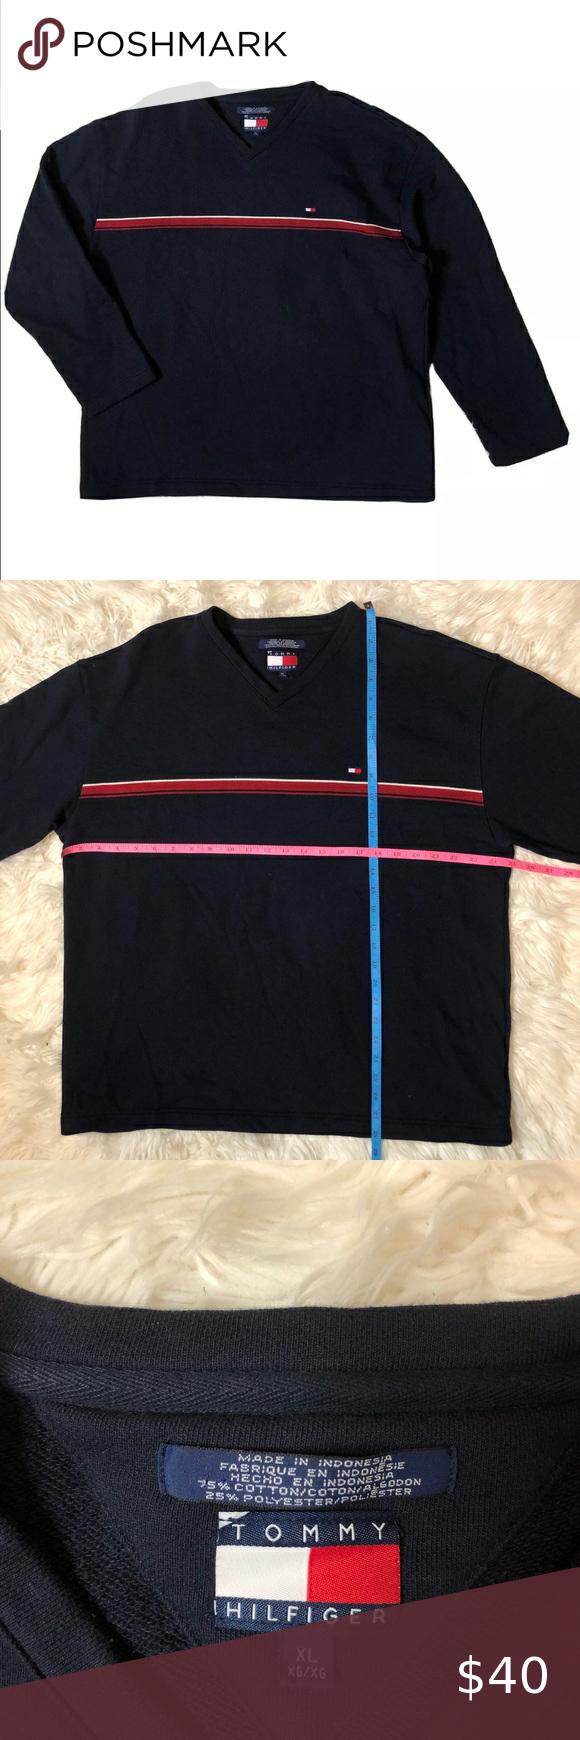 Vintage 90s Tommy Hilfiger Sweatshirt V Neck Tommy Hilfiger Pullover Streetwear Tommy Jeans Jumper Embroidery Logo Black Size Large